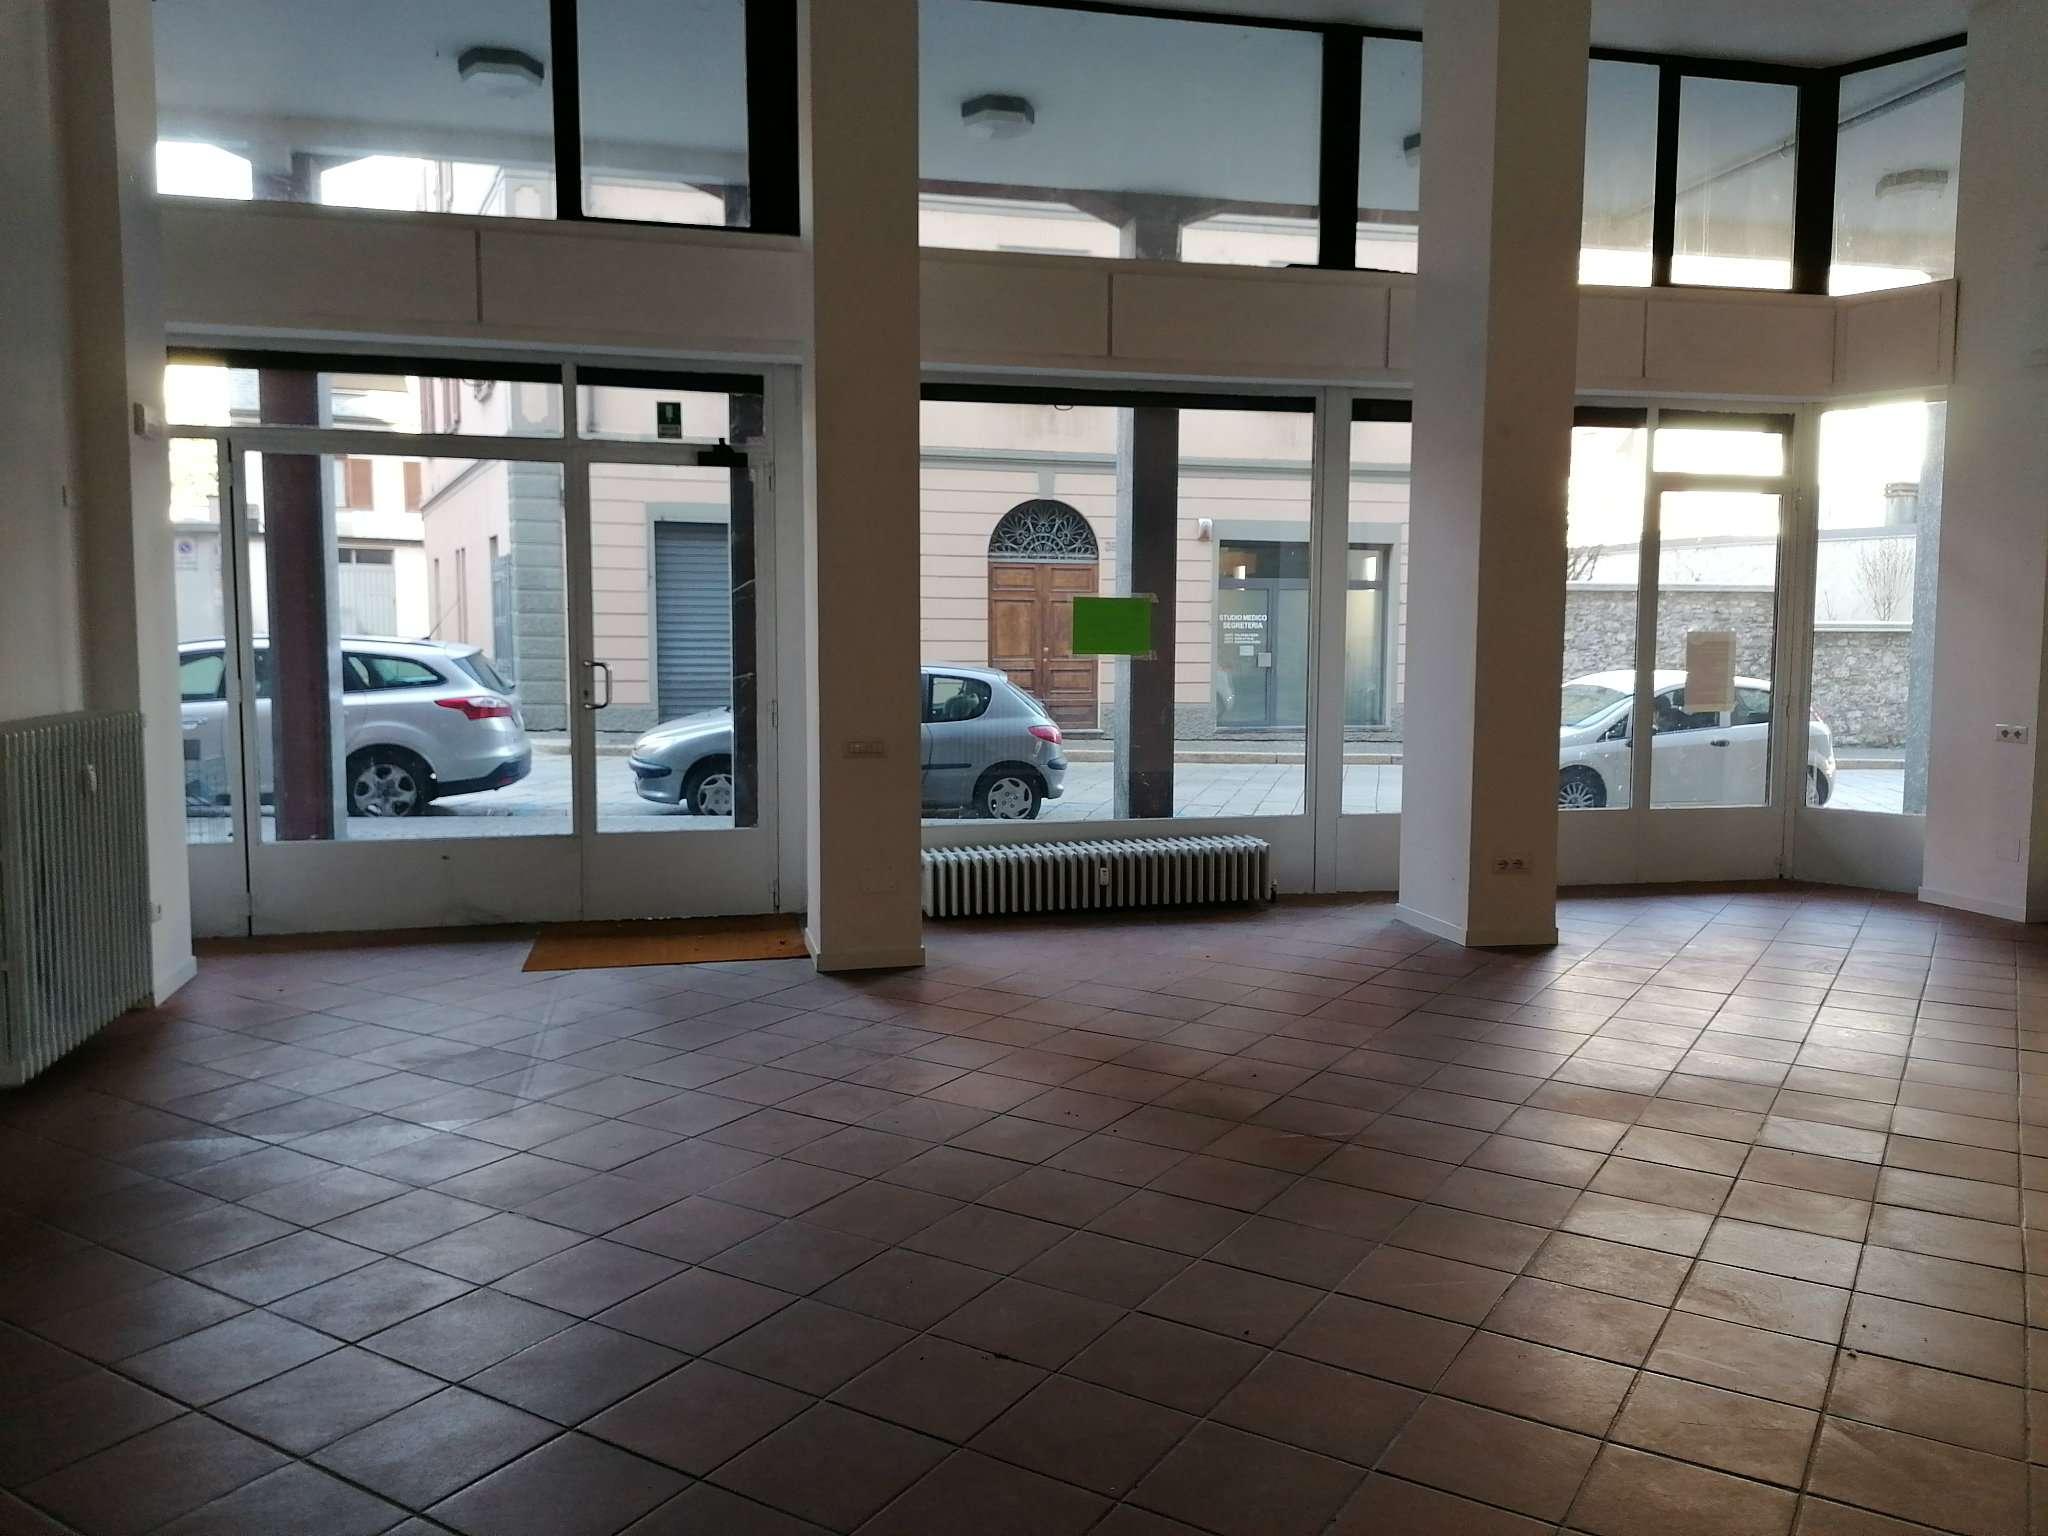 Negozio / Locale in affitto a Sondrio, 1 locali, prezzo € 800 | PortaleAgenzieImmobiliari.it